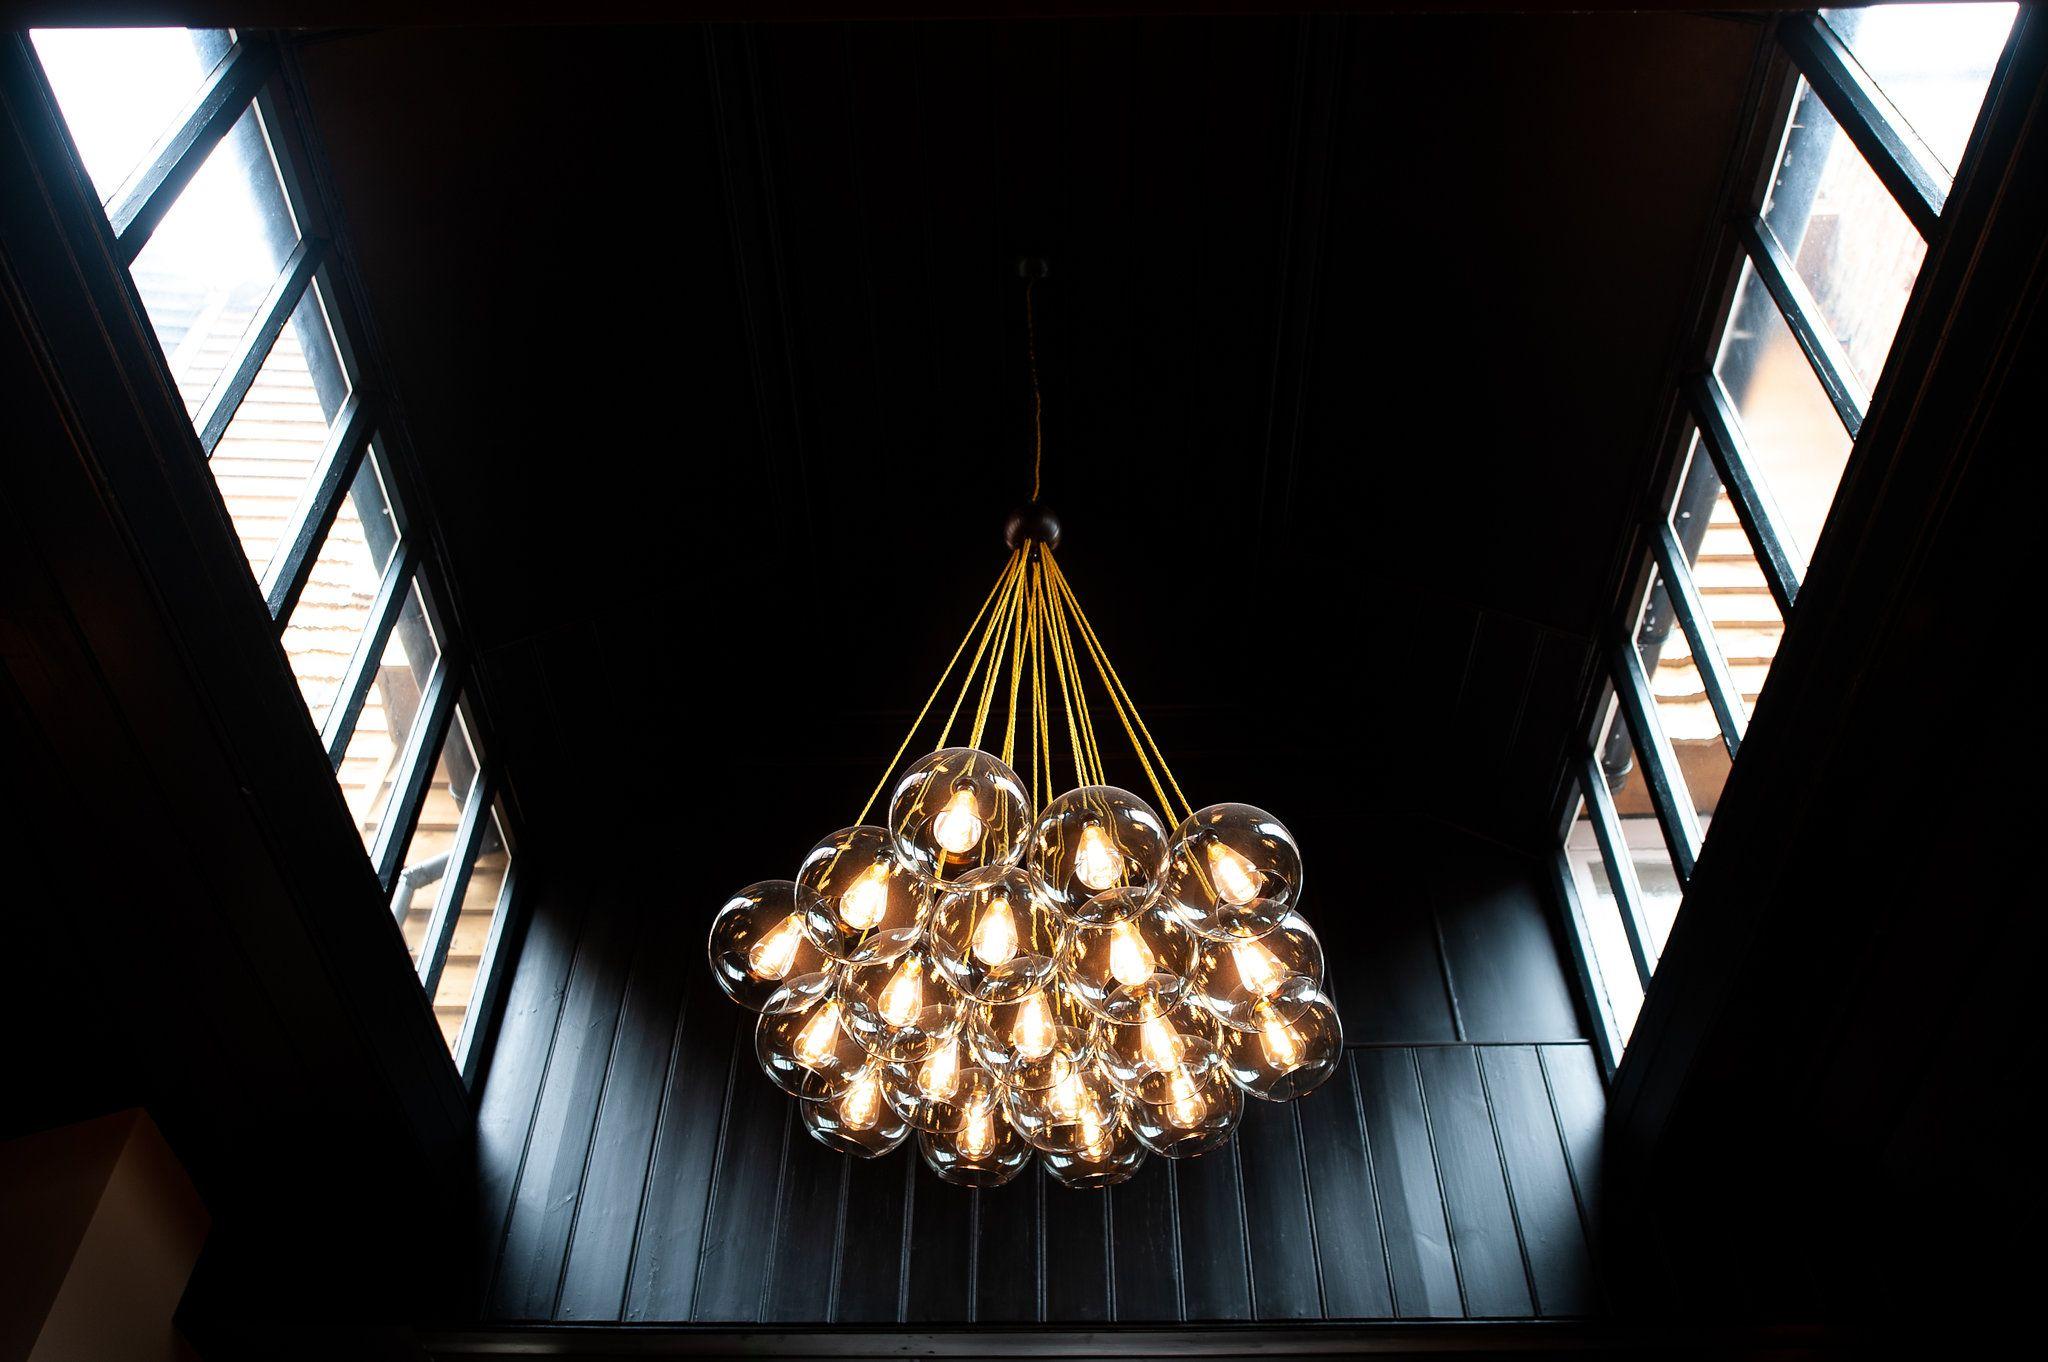 Fritz fryer cluster pendant light set commercial lighting in